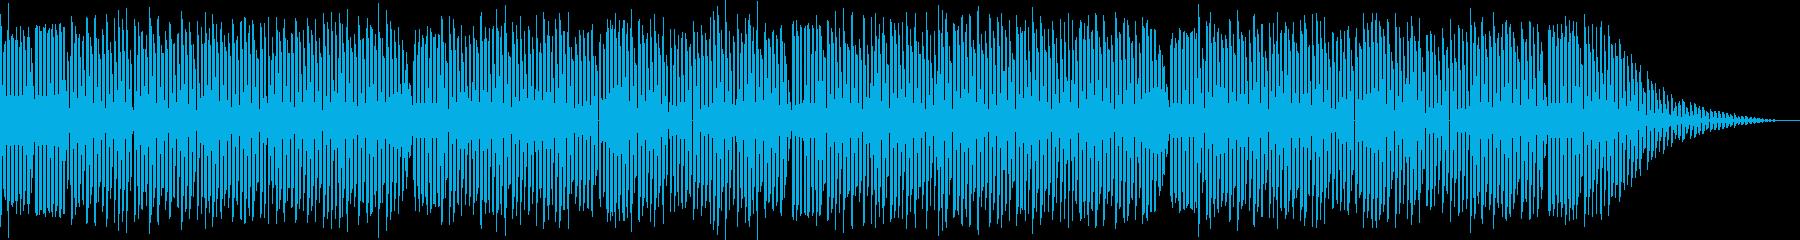 ファミコン風ロックンロールの再生済みの波形